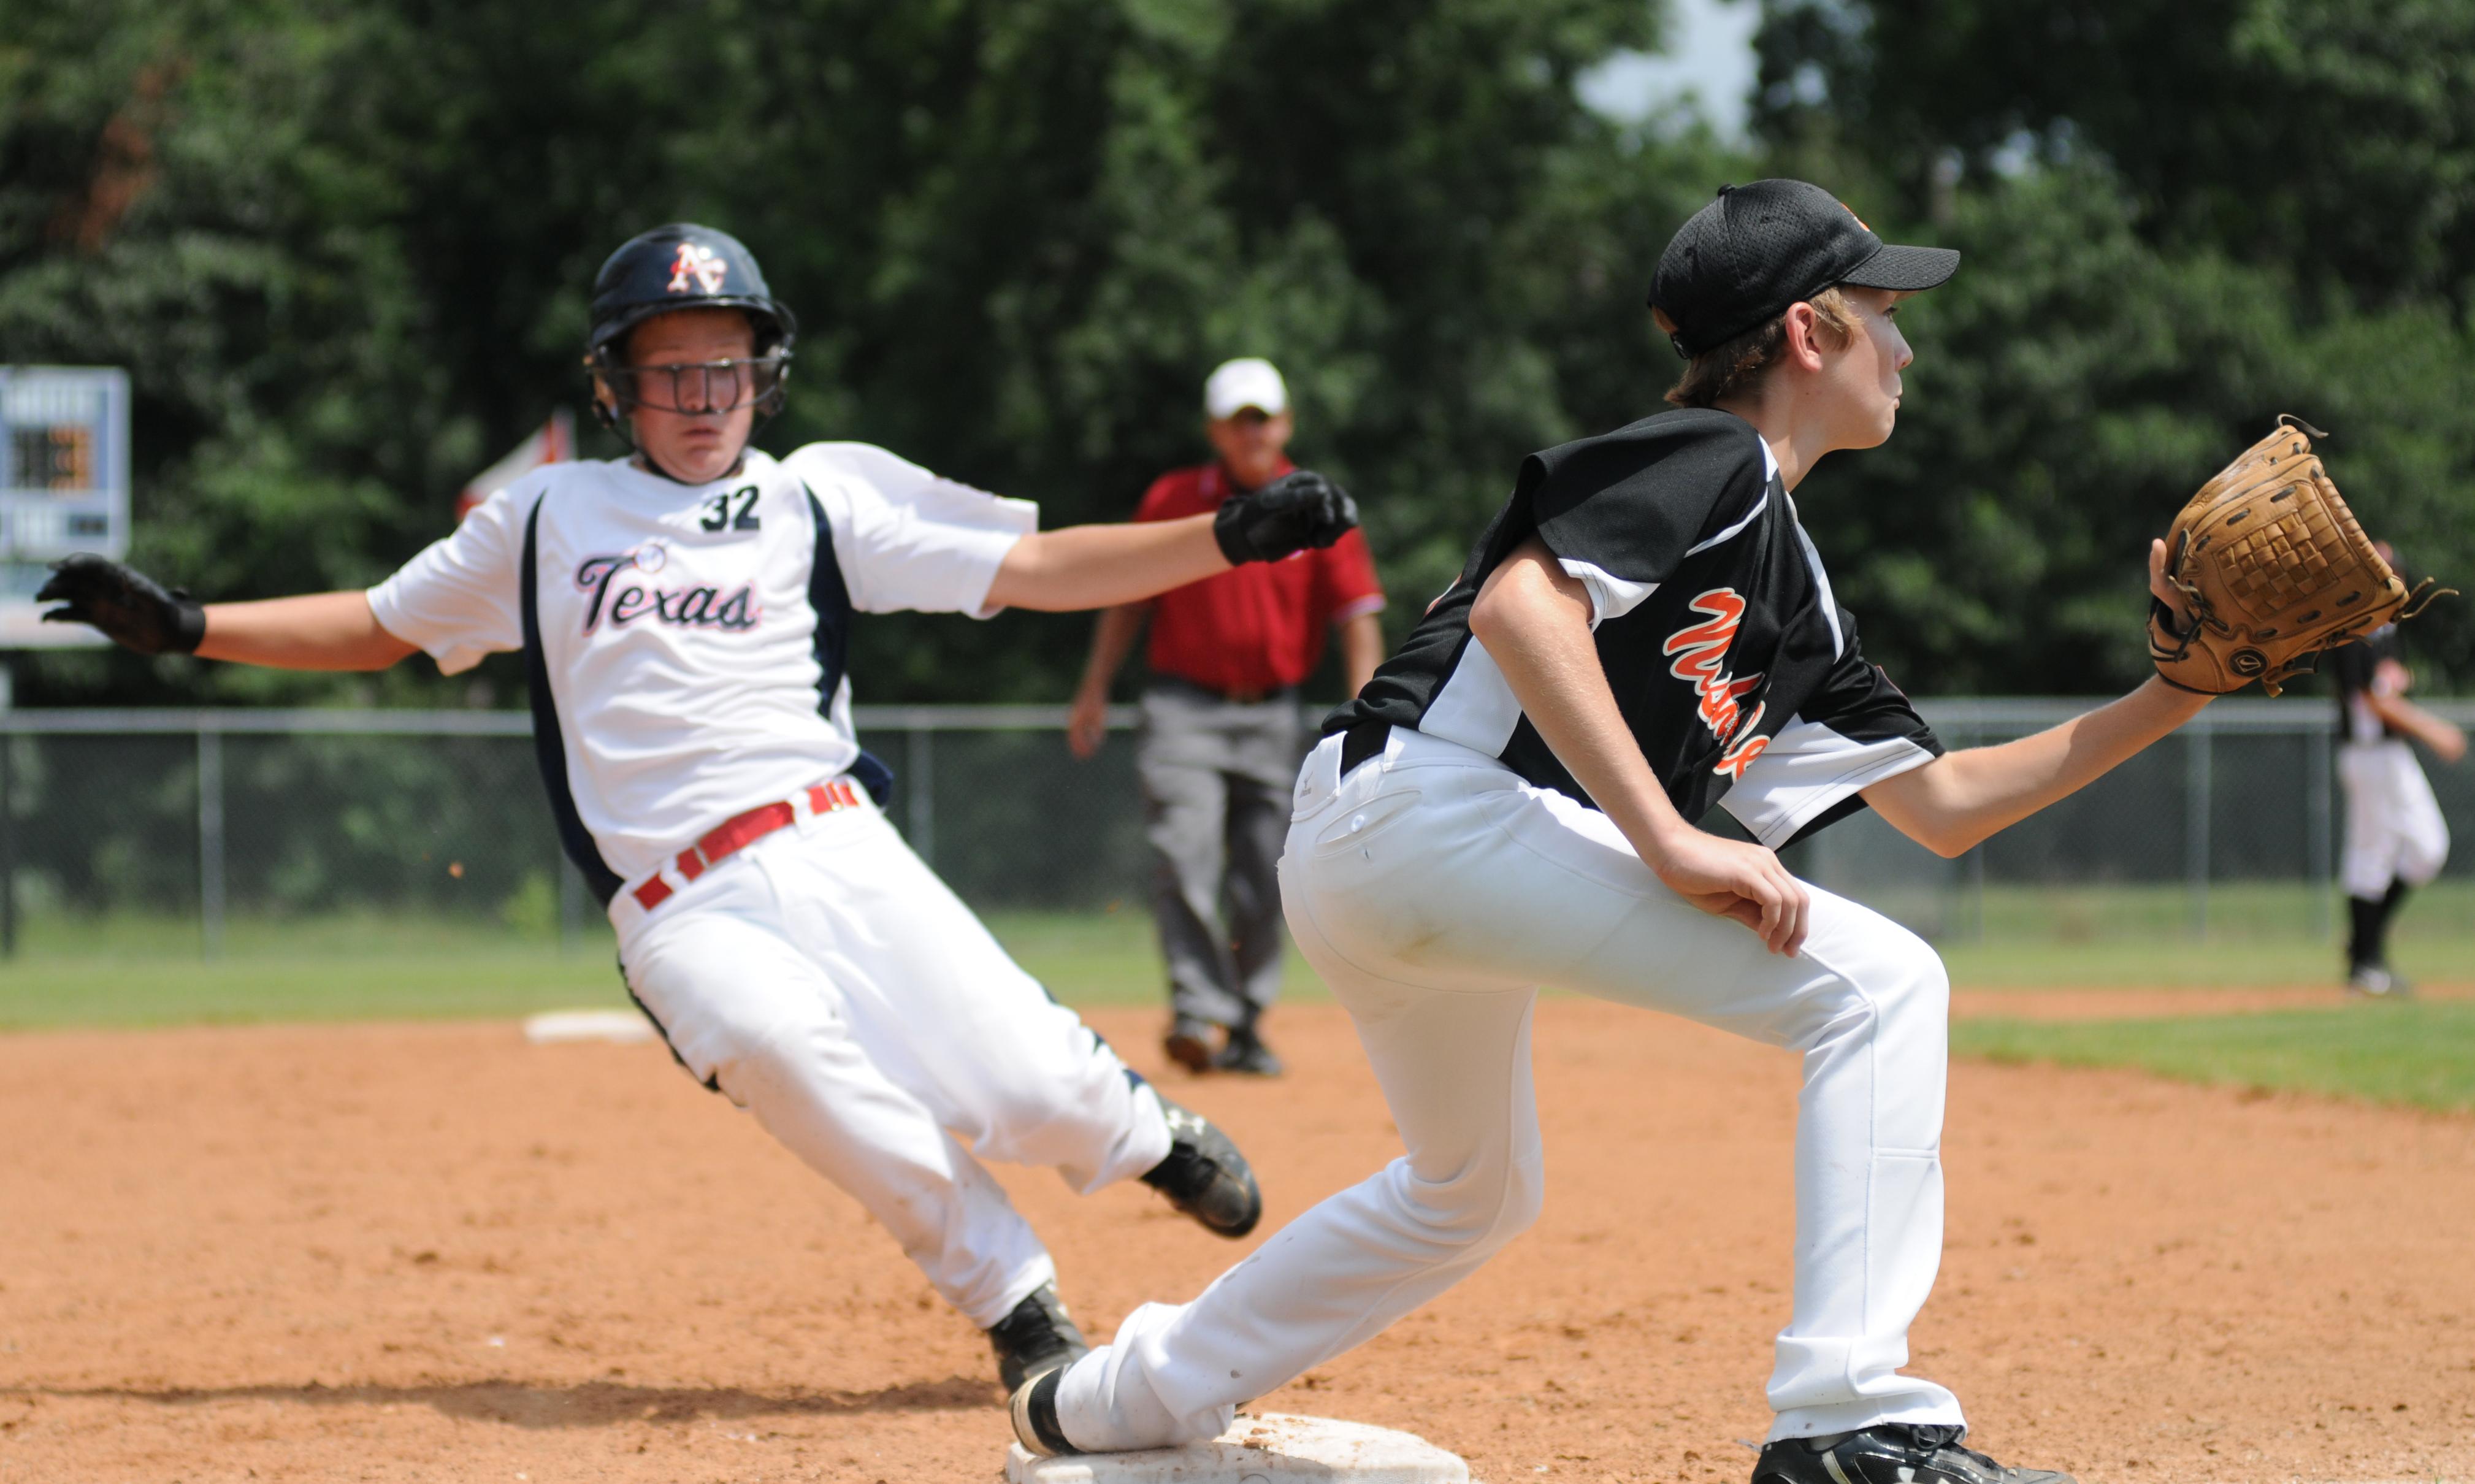 08.03.09_baseball6.jpg